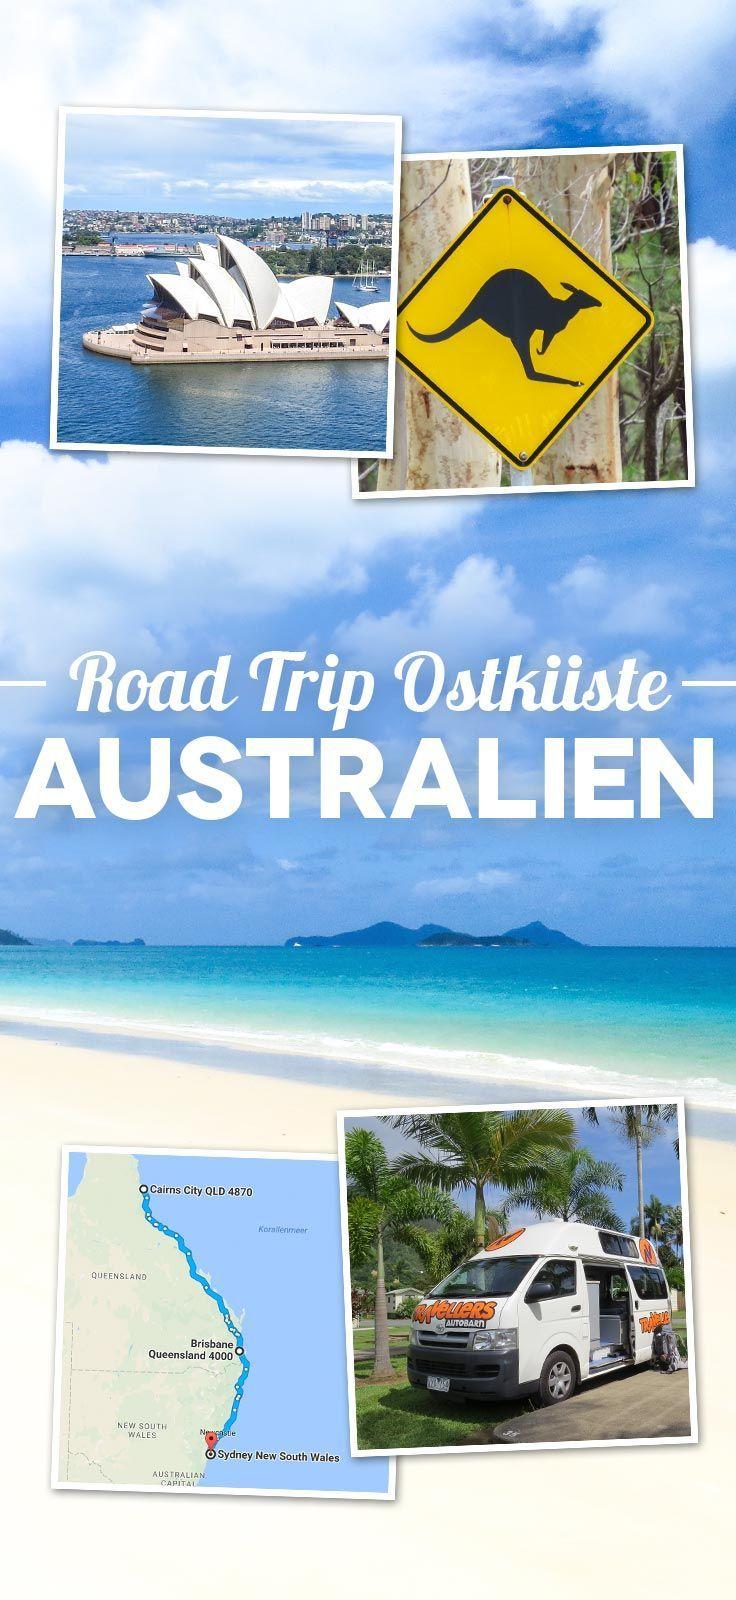 Road Trip Australien: 12 unvergessliche Highlights entlang der Ostküste #usroadtrip